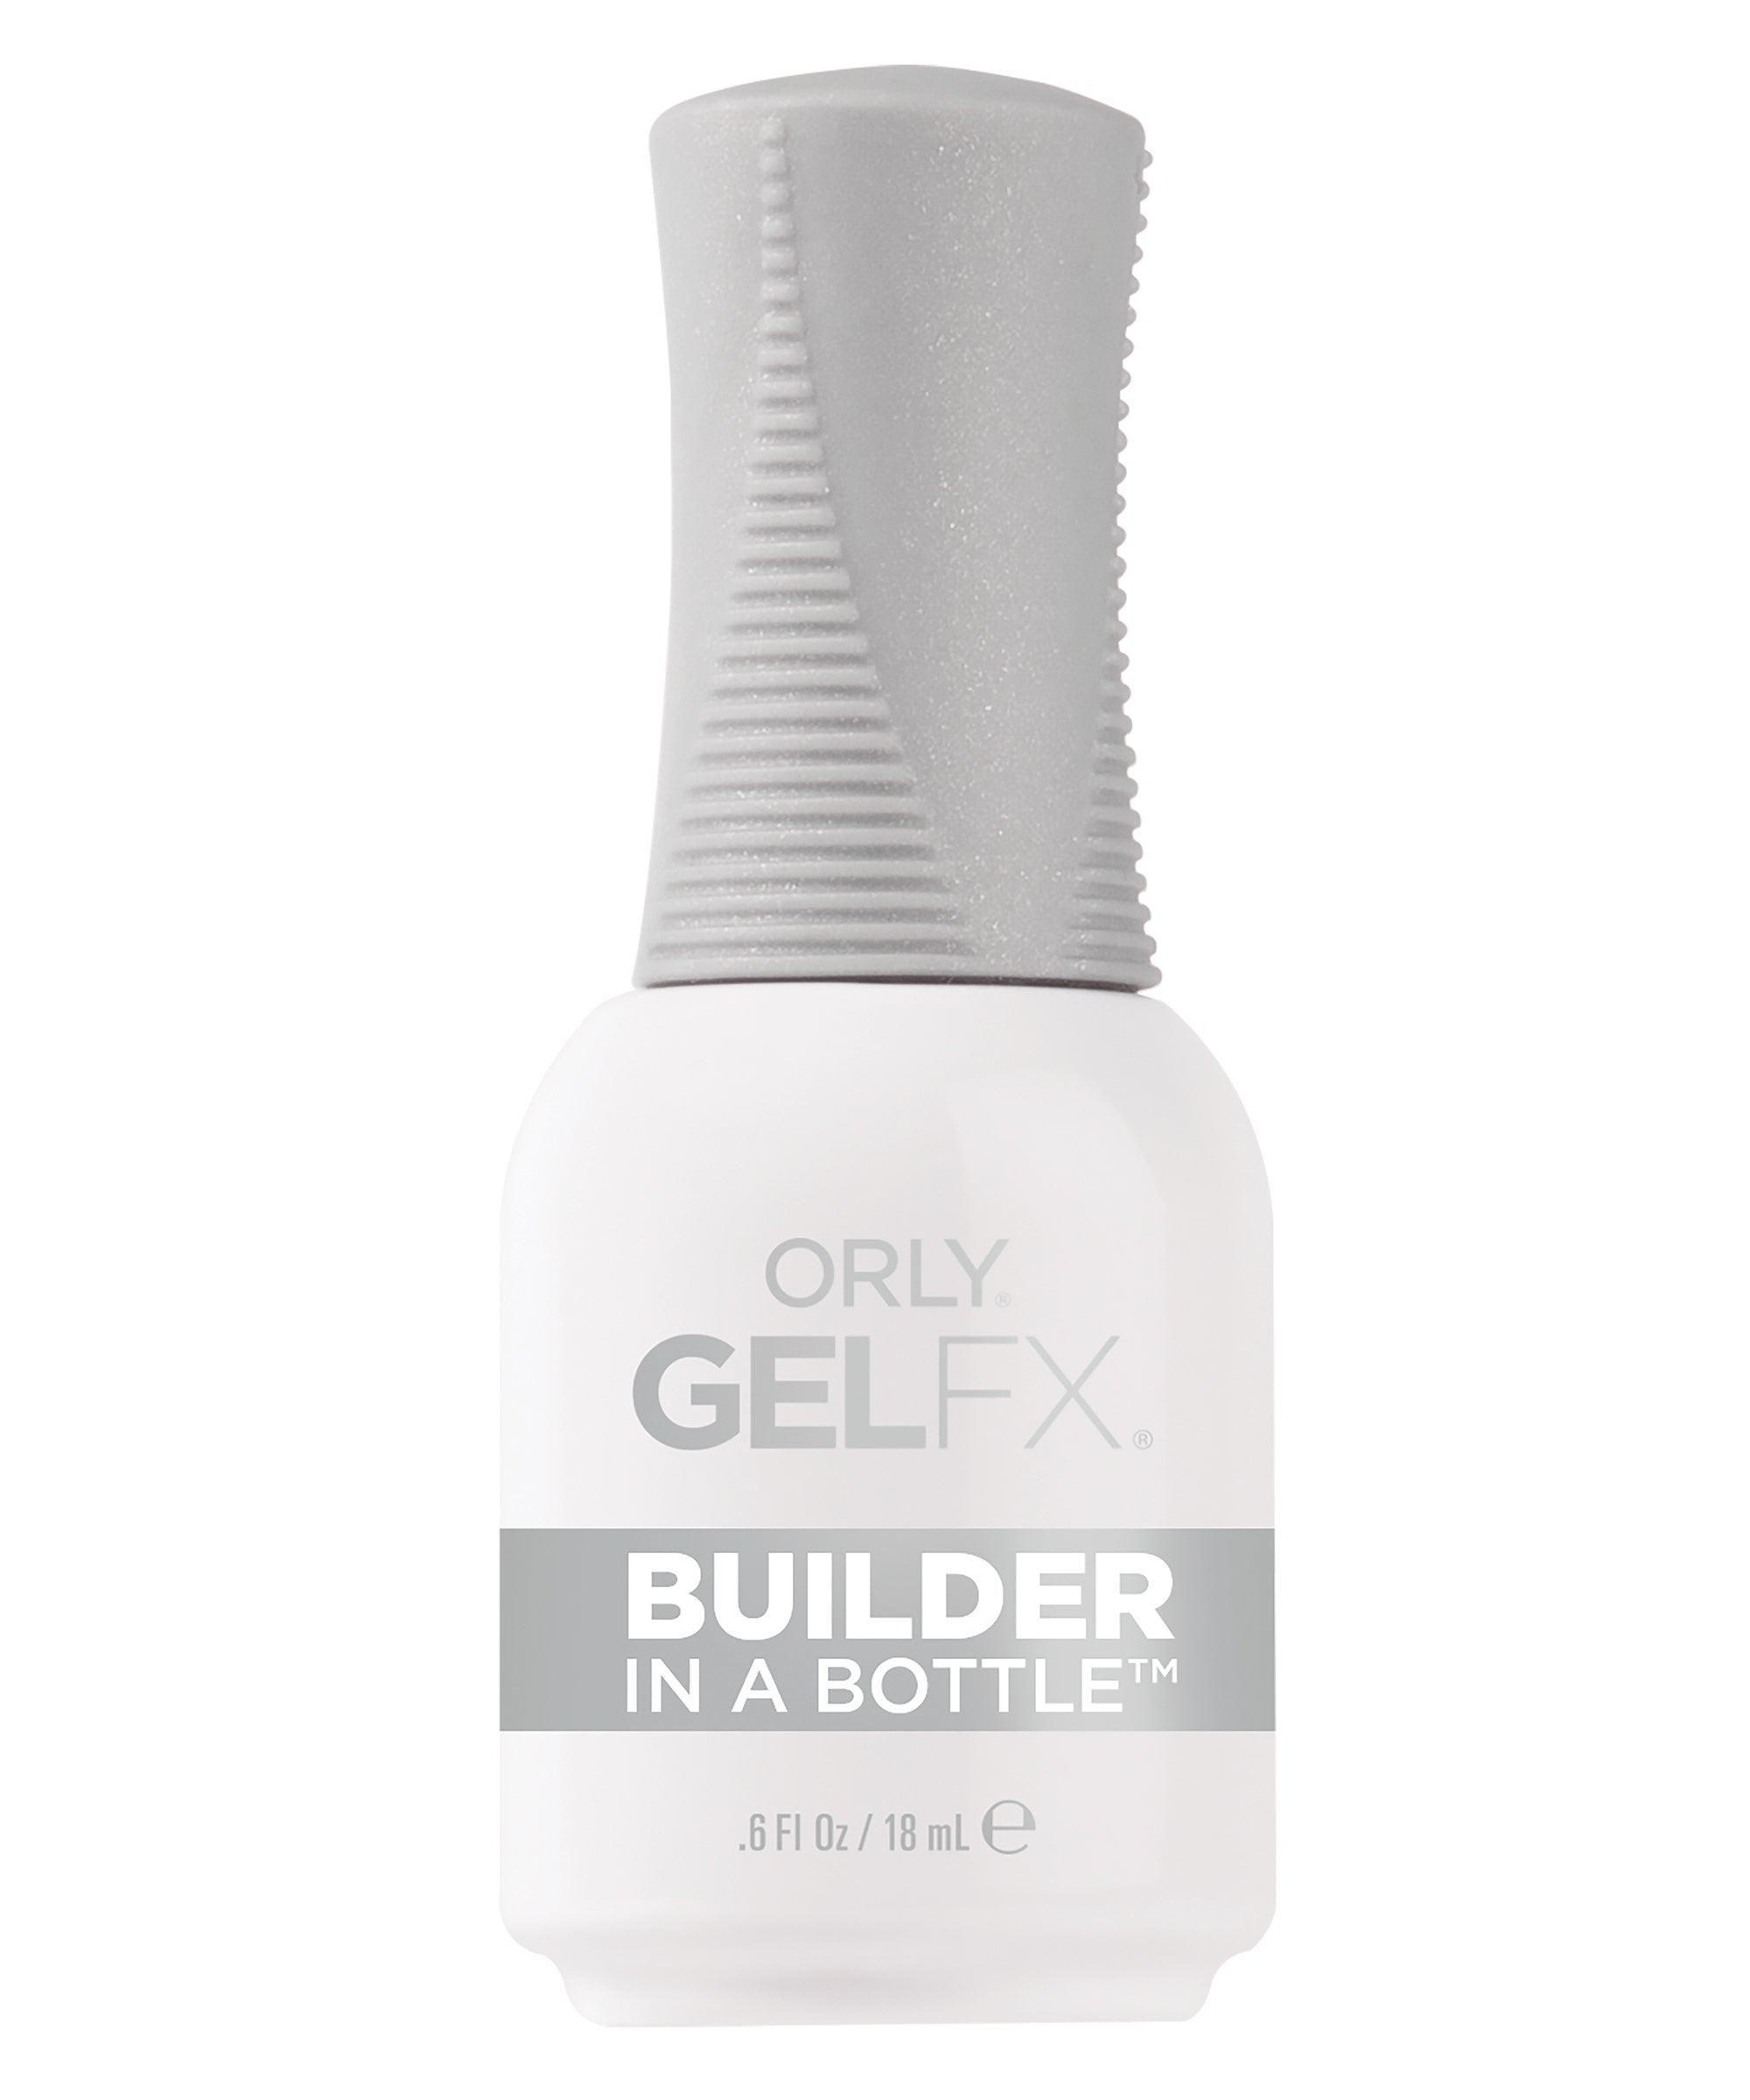 GelFX Builder in a Bottle